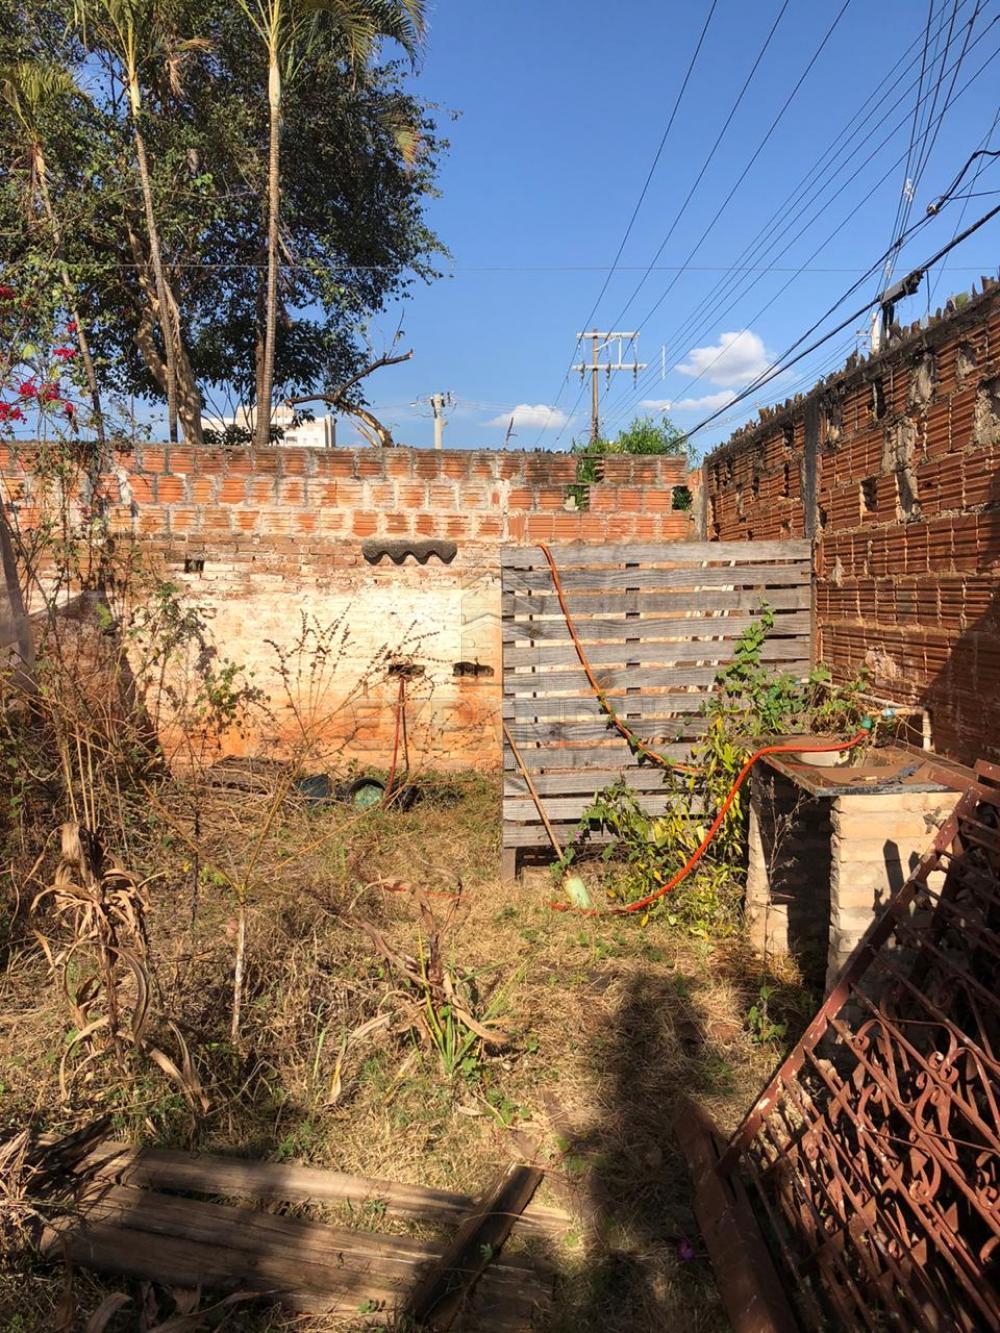 Alugar Terrenos / Área em Sertãozinho R$ 1.200,00 - Foto 2